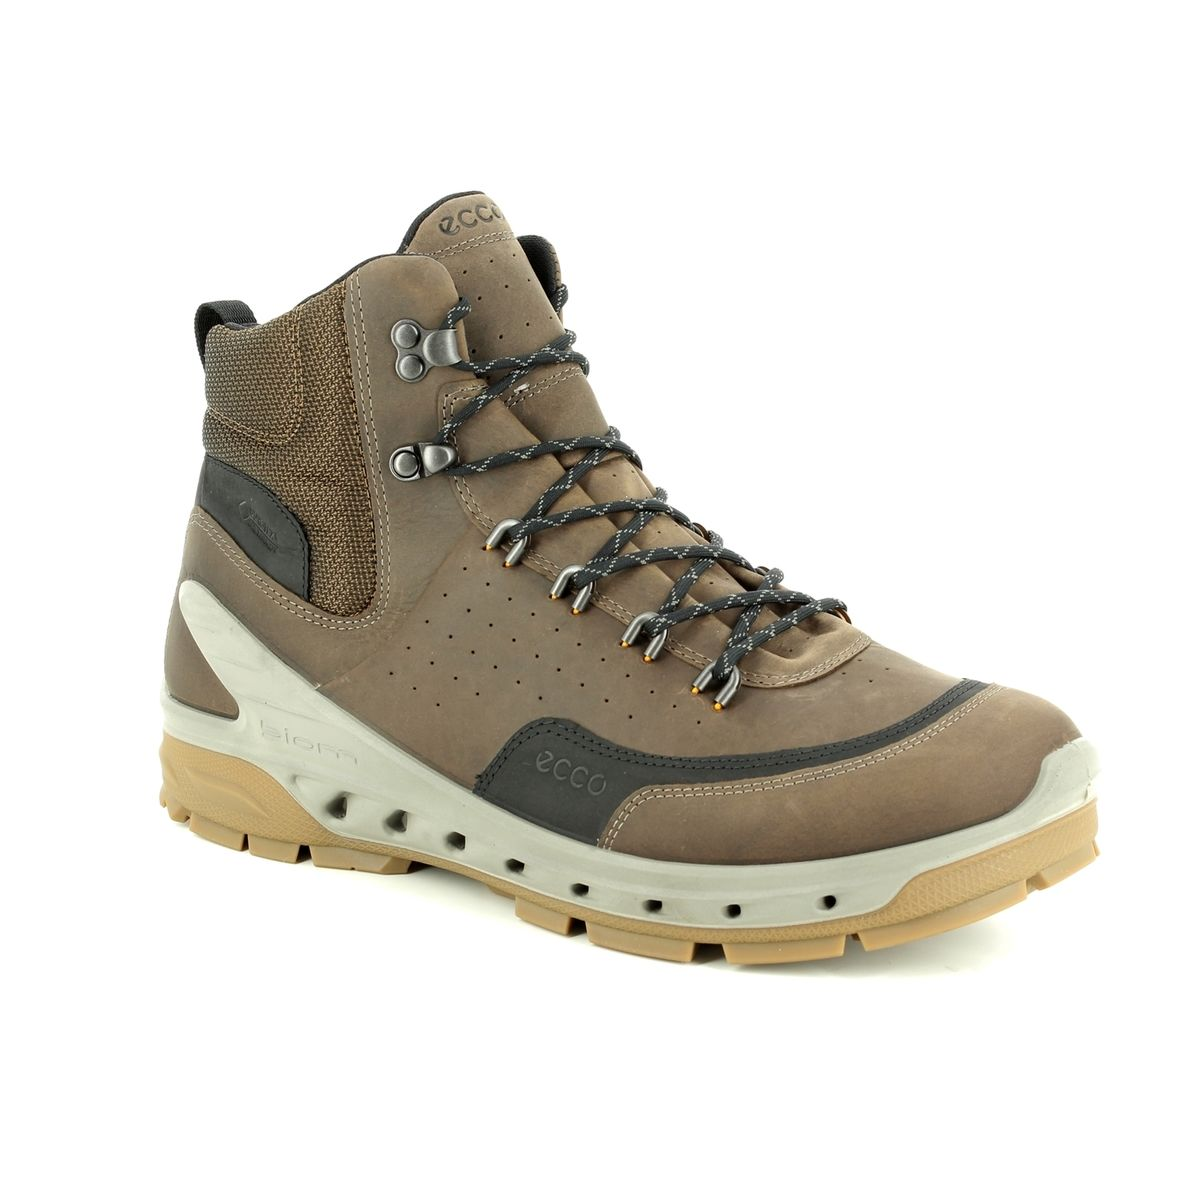 5d898fc9c8f ECCO Boots - Brown nubuck - 854604 51742 BIOM VENTURE TR GORE-TEX